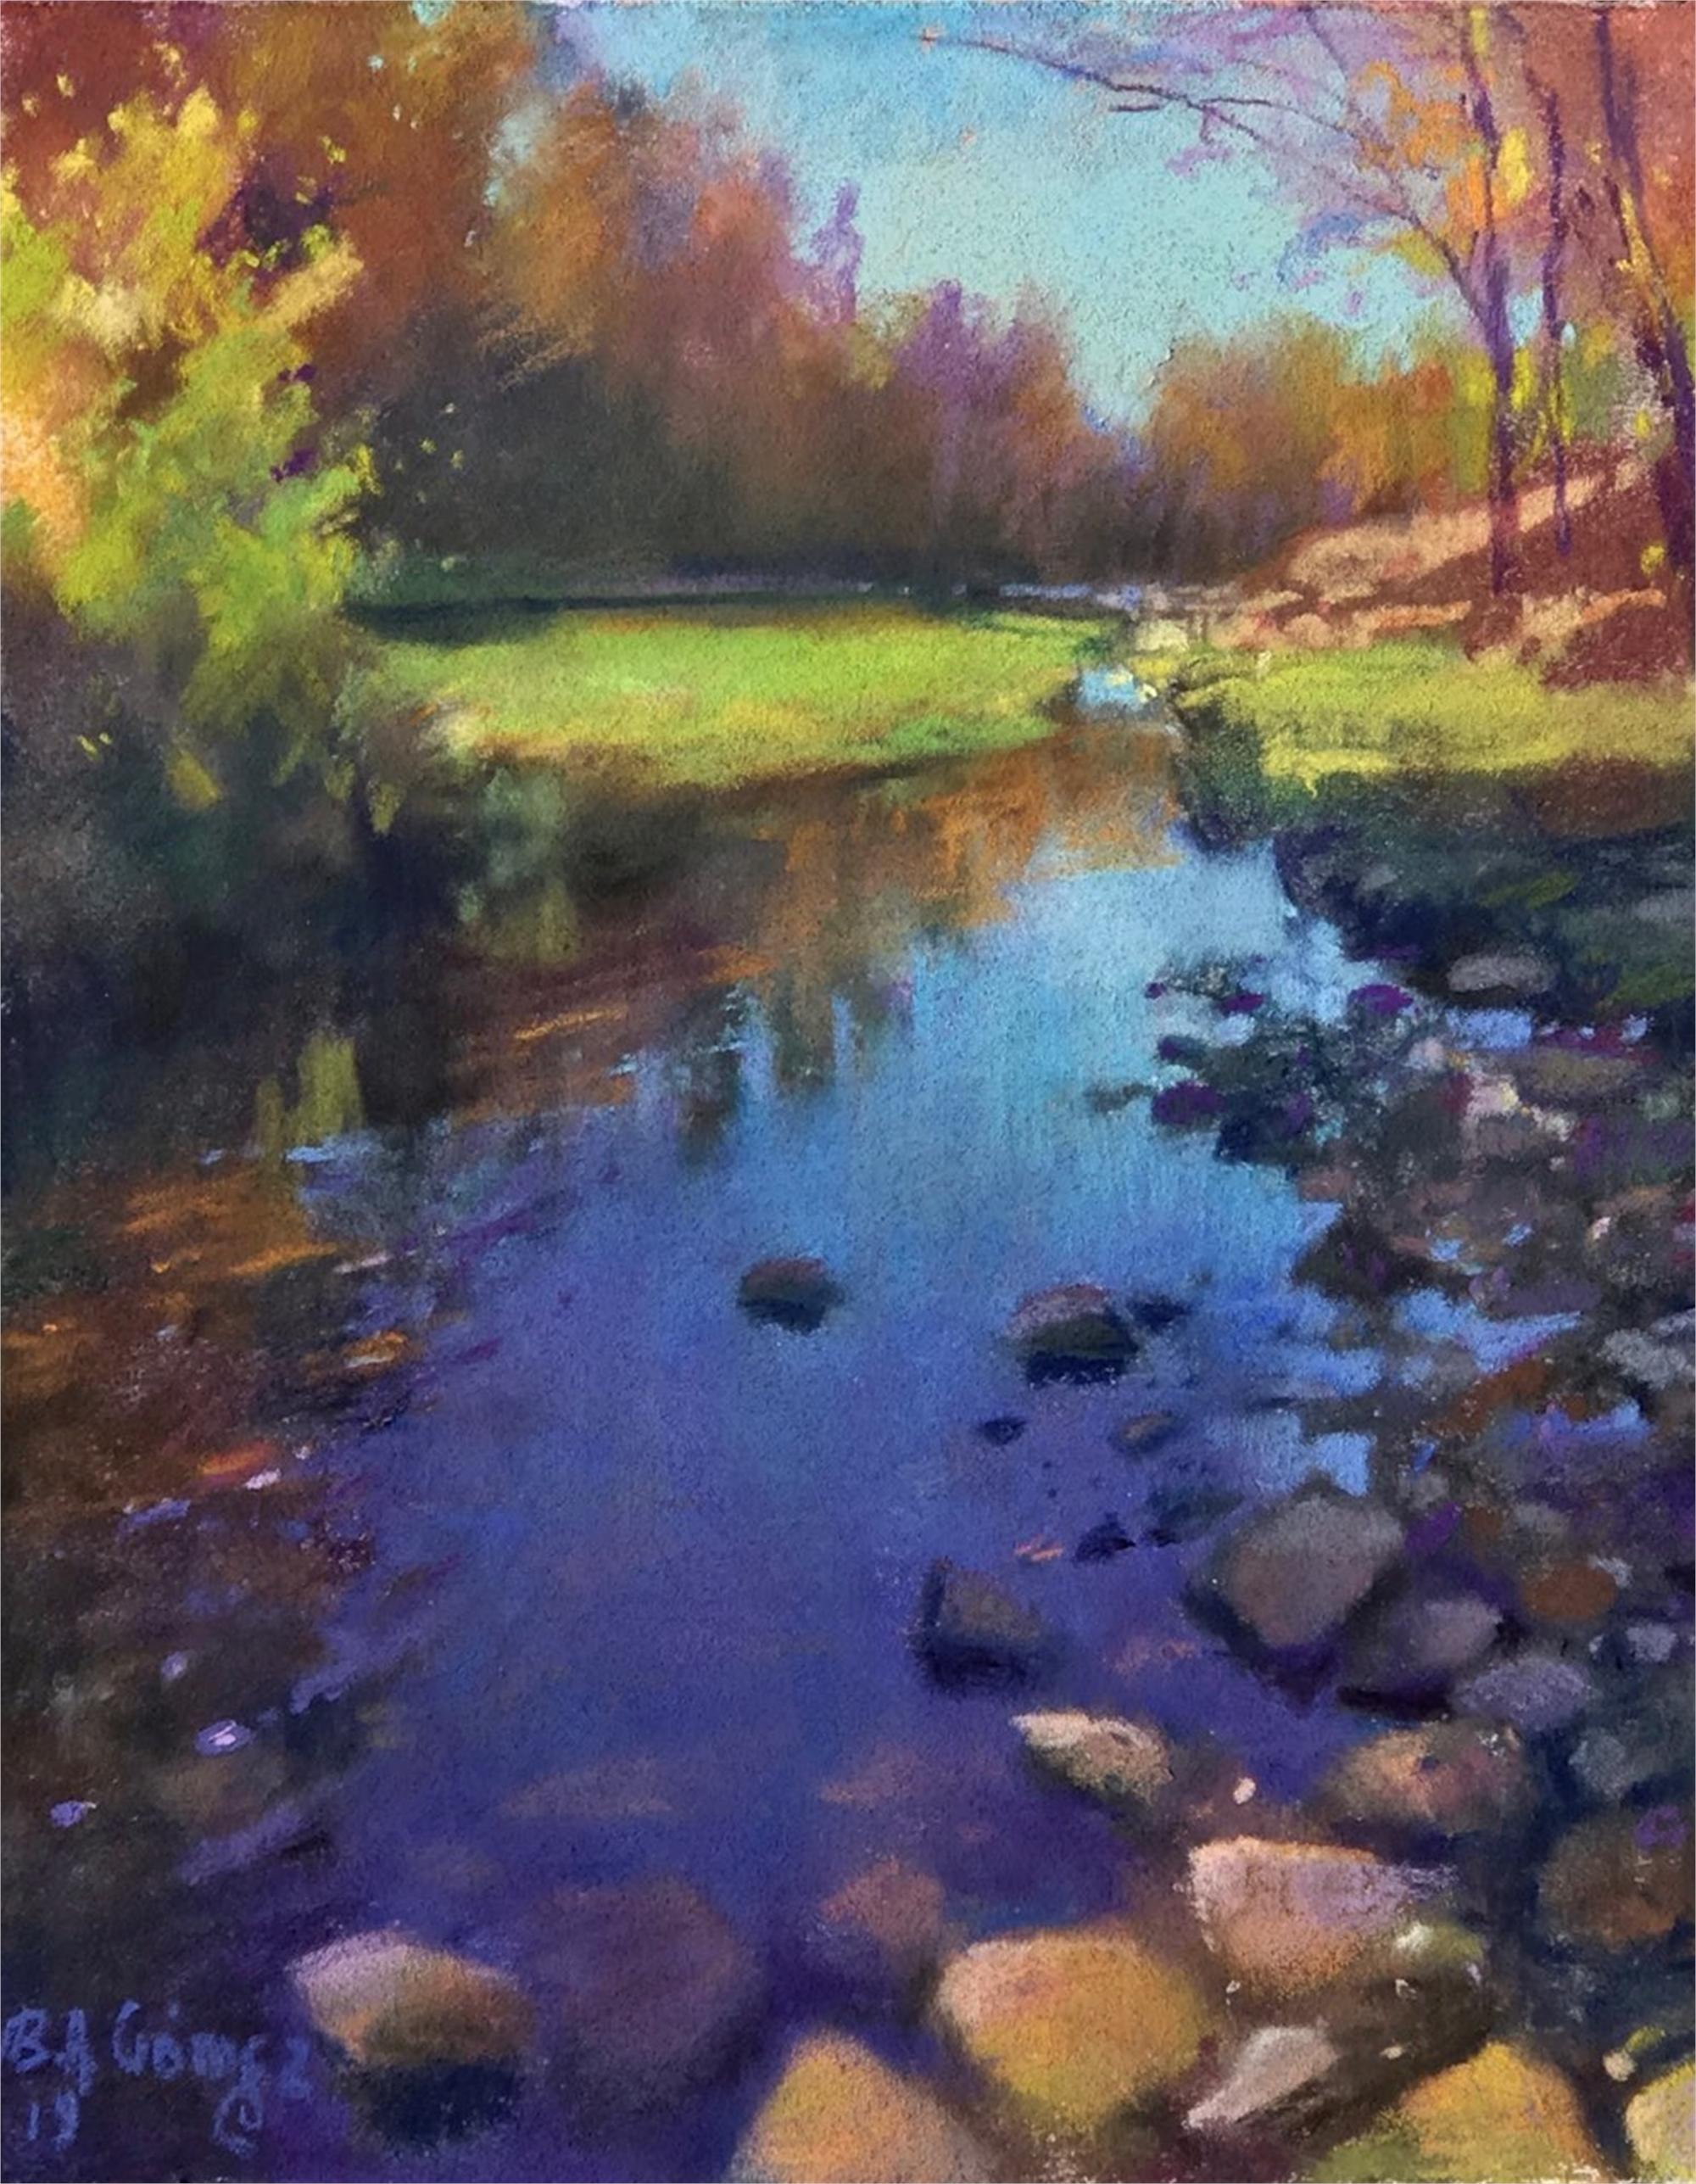 Sedona Oak Creek by Bruce A Gómez